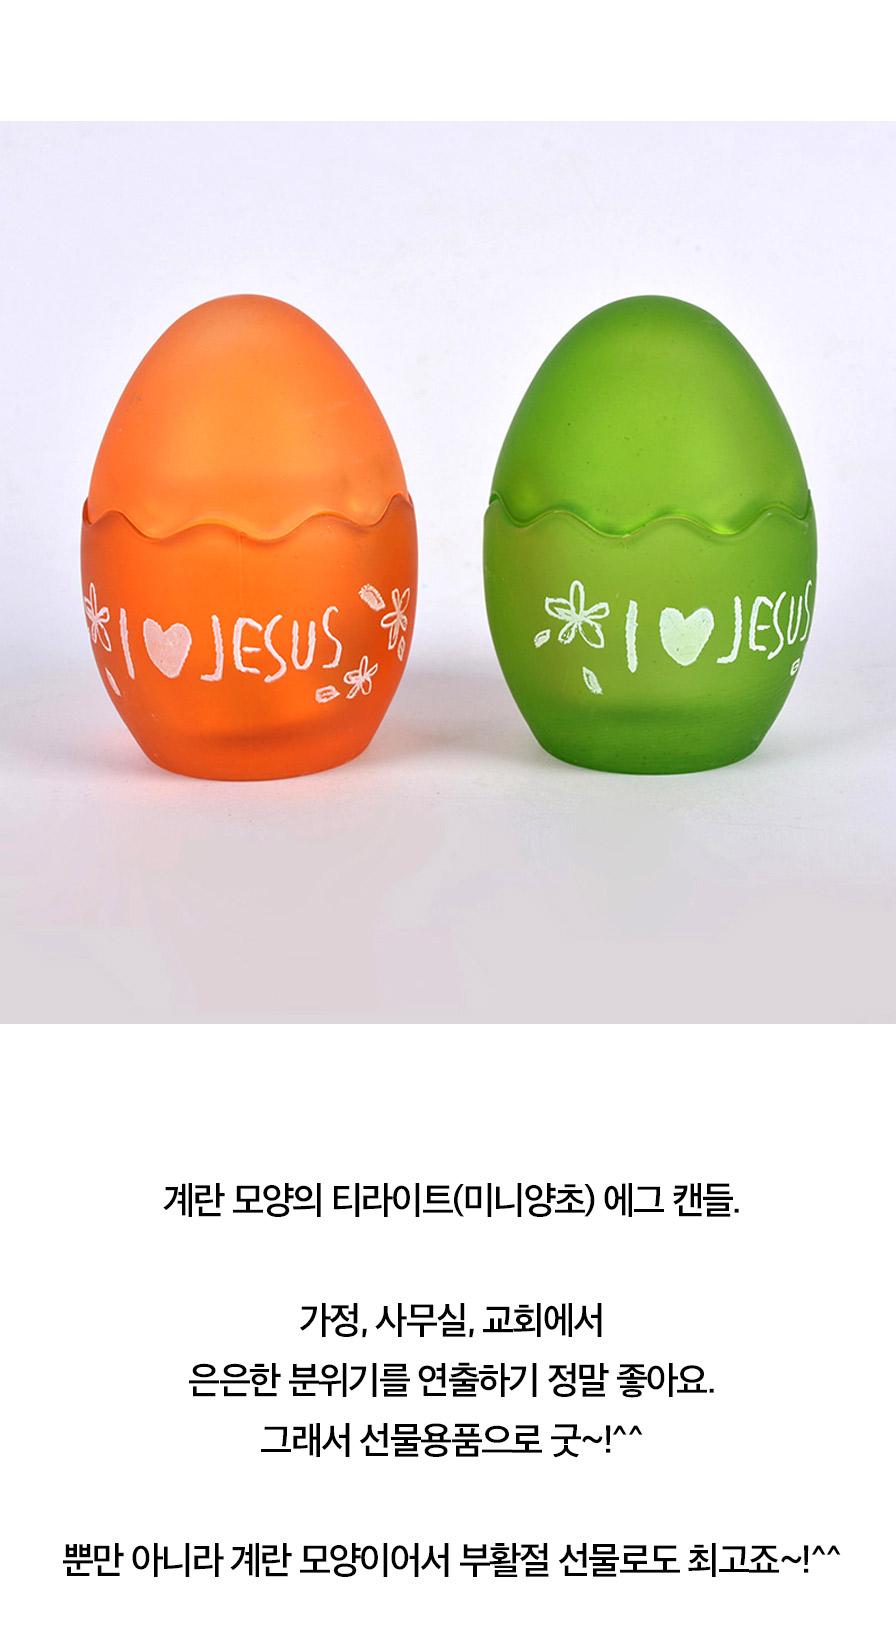 부활절 교회선물 에그 티라이트 캔들  공간에 따뜻함을 불어 넣는 인테리어소품으로 부활의 기쁨을 선물하세요